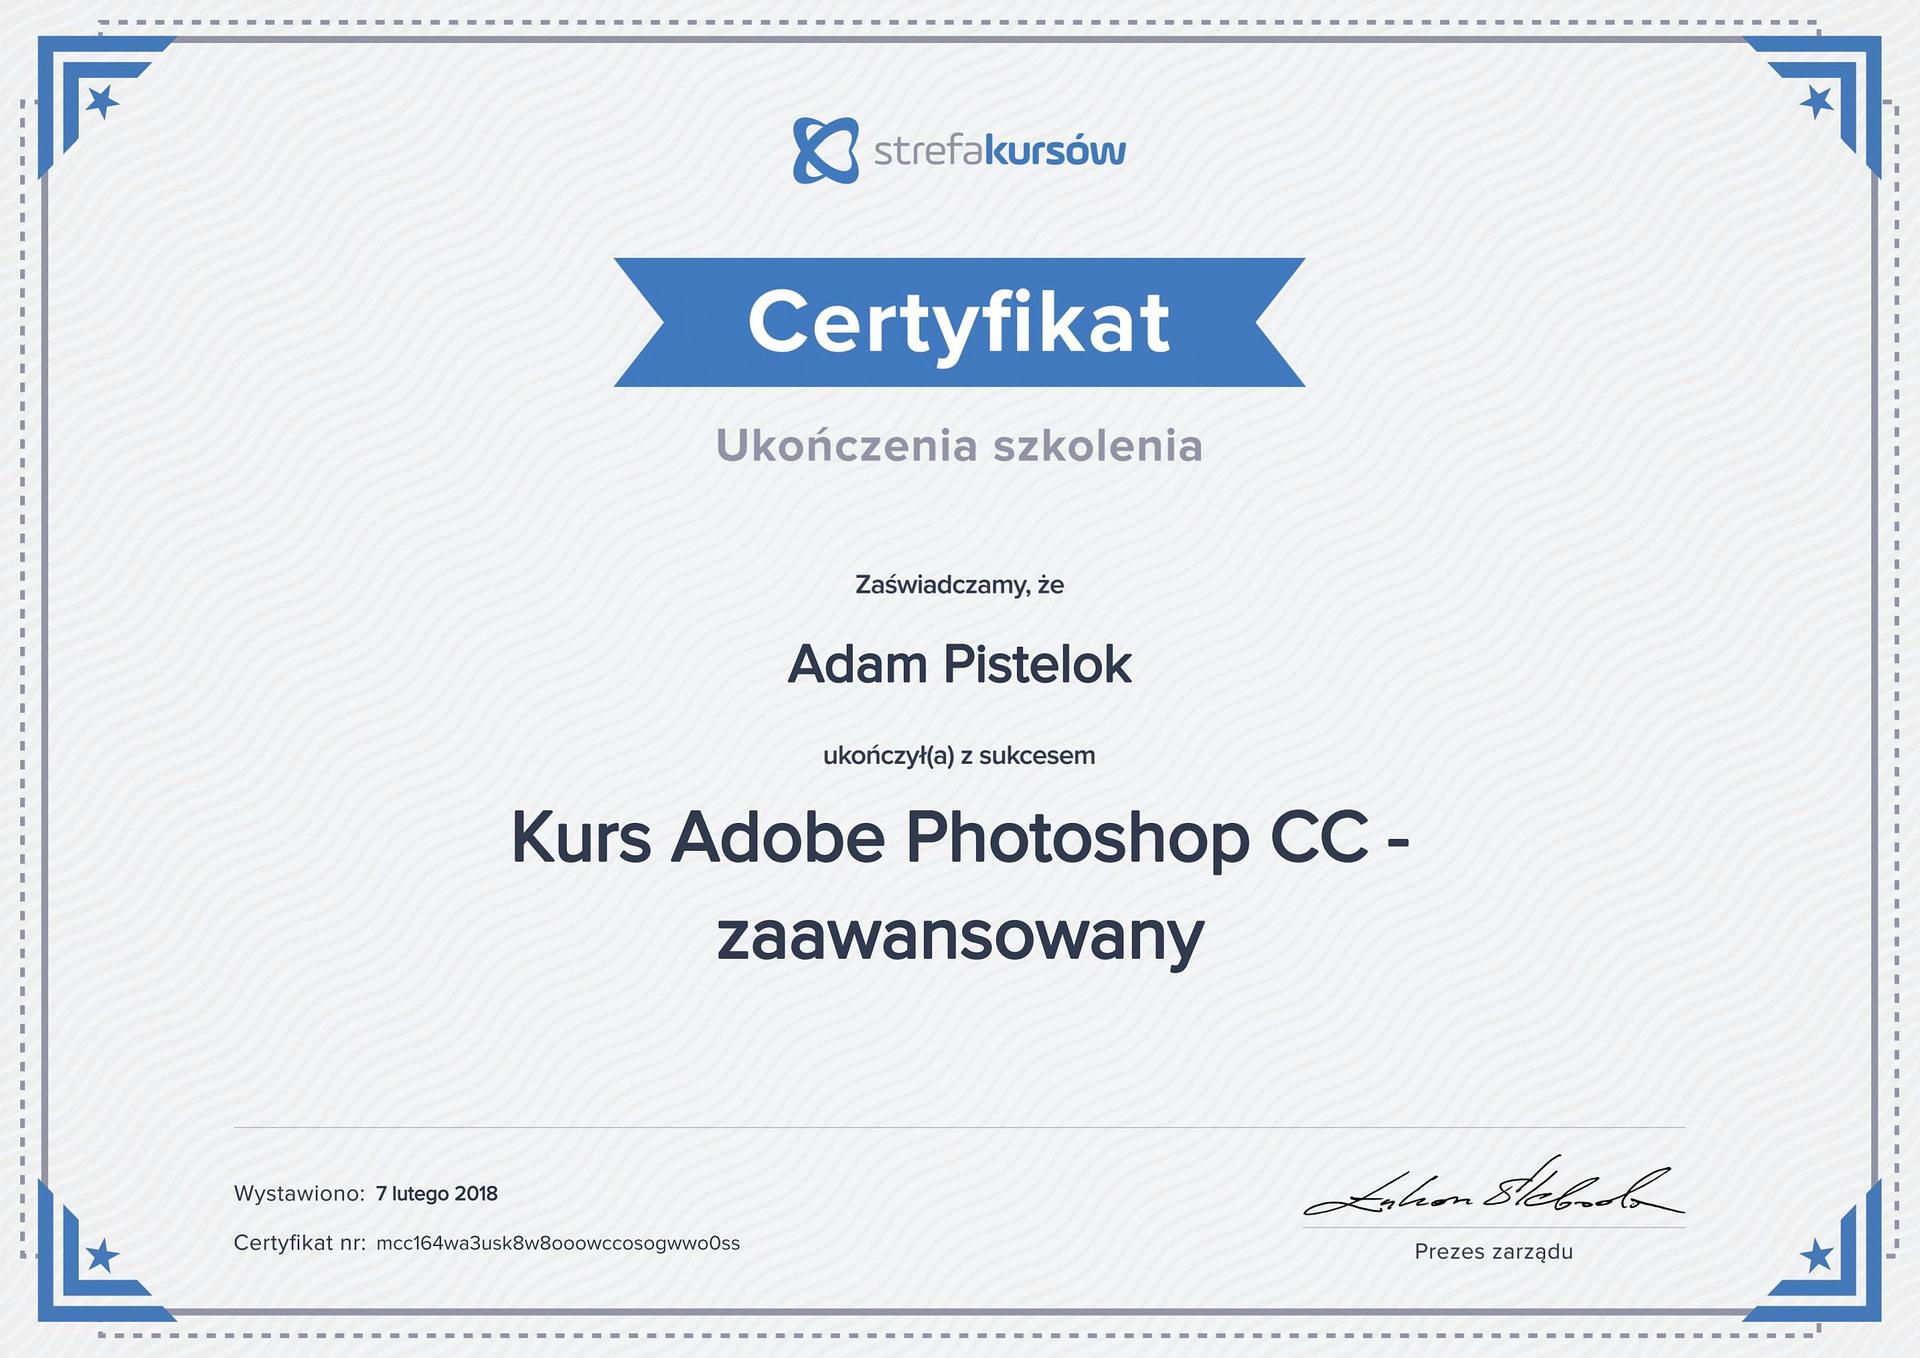 Photoshop cc zaawansowany